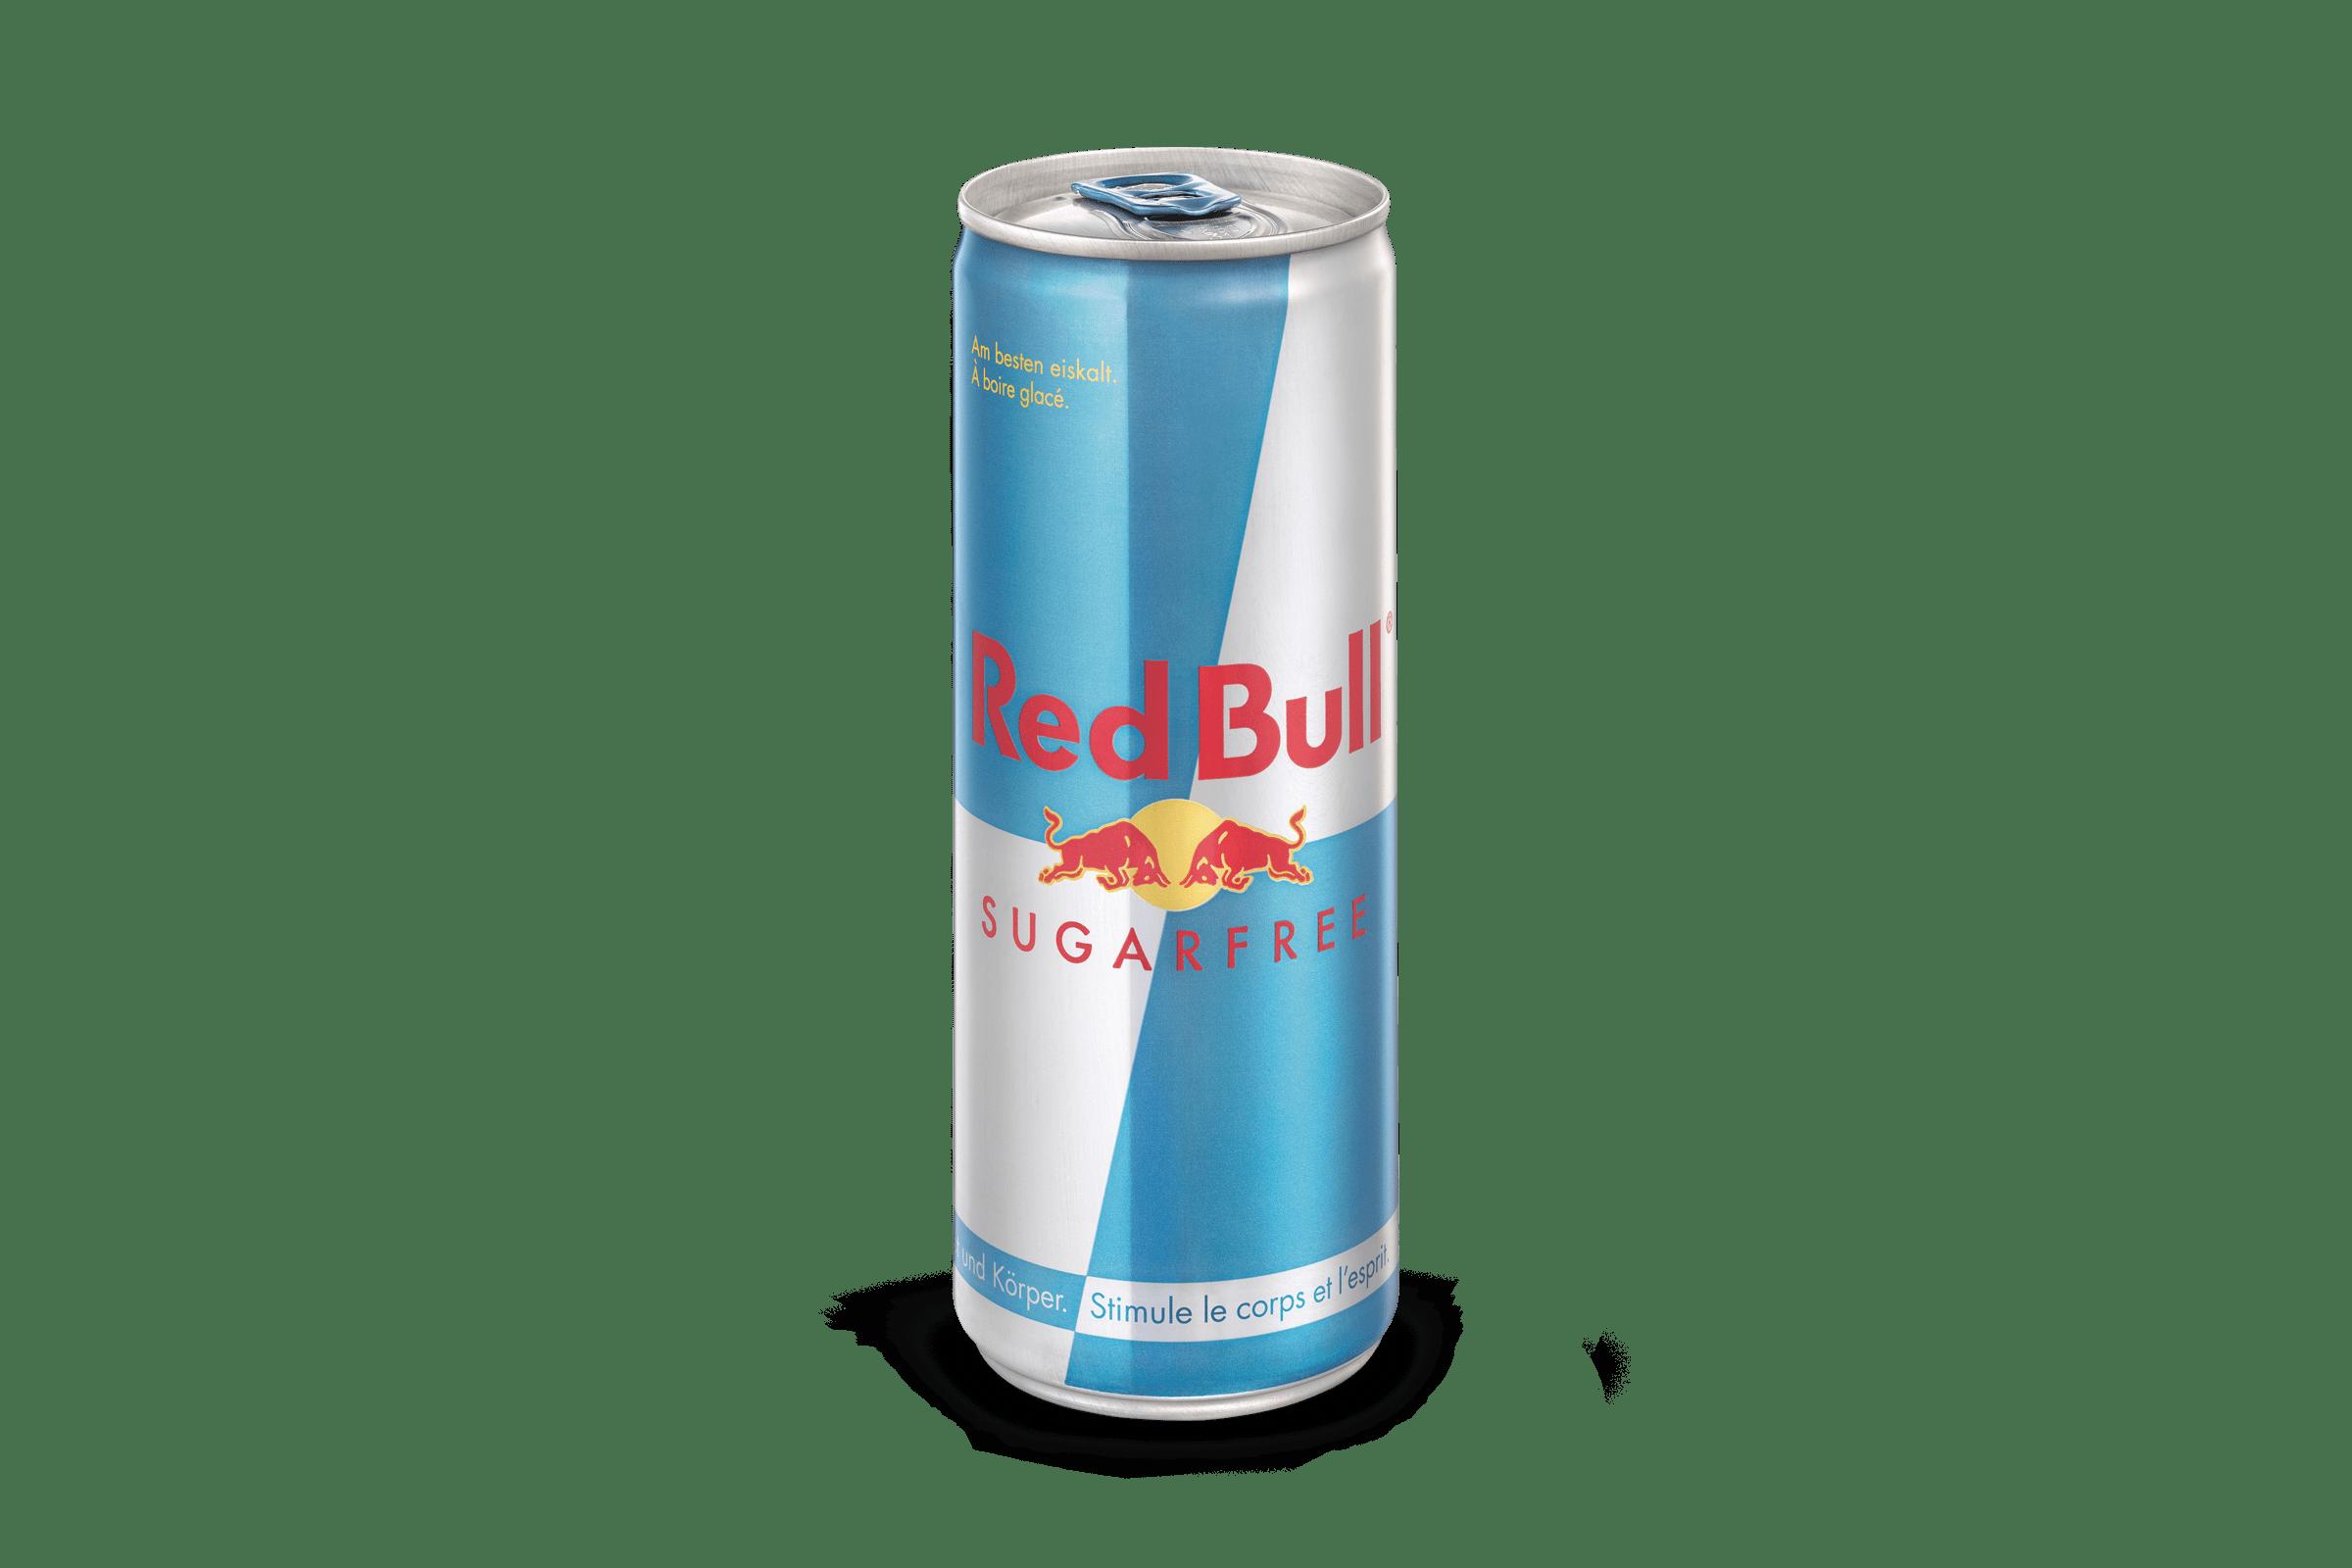 Red Bull Sugarfree 1